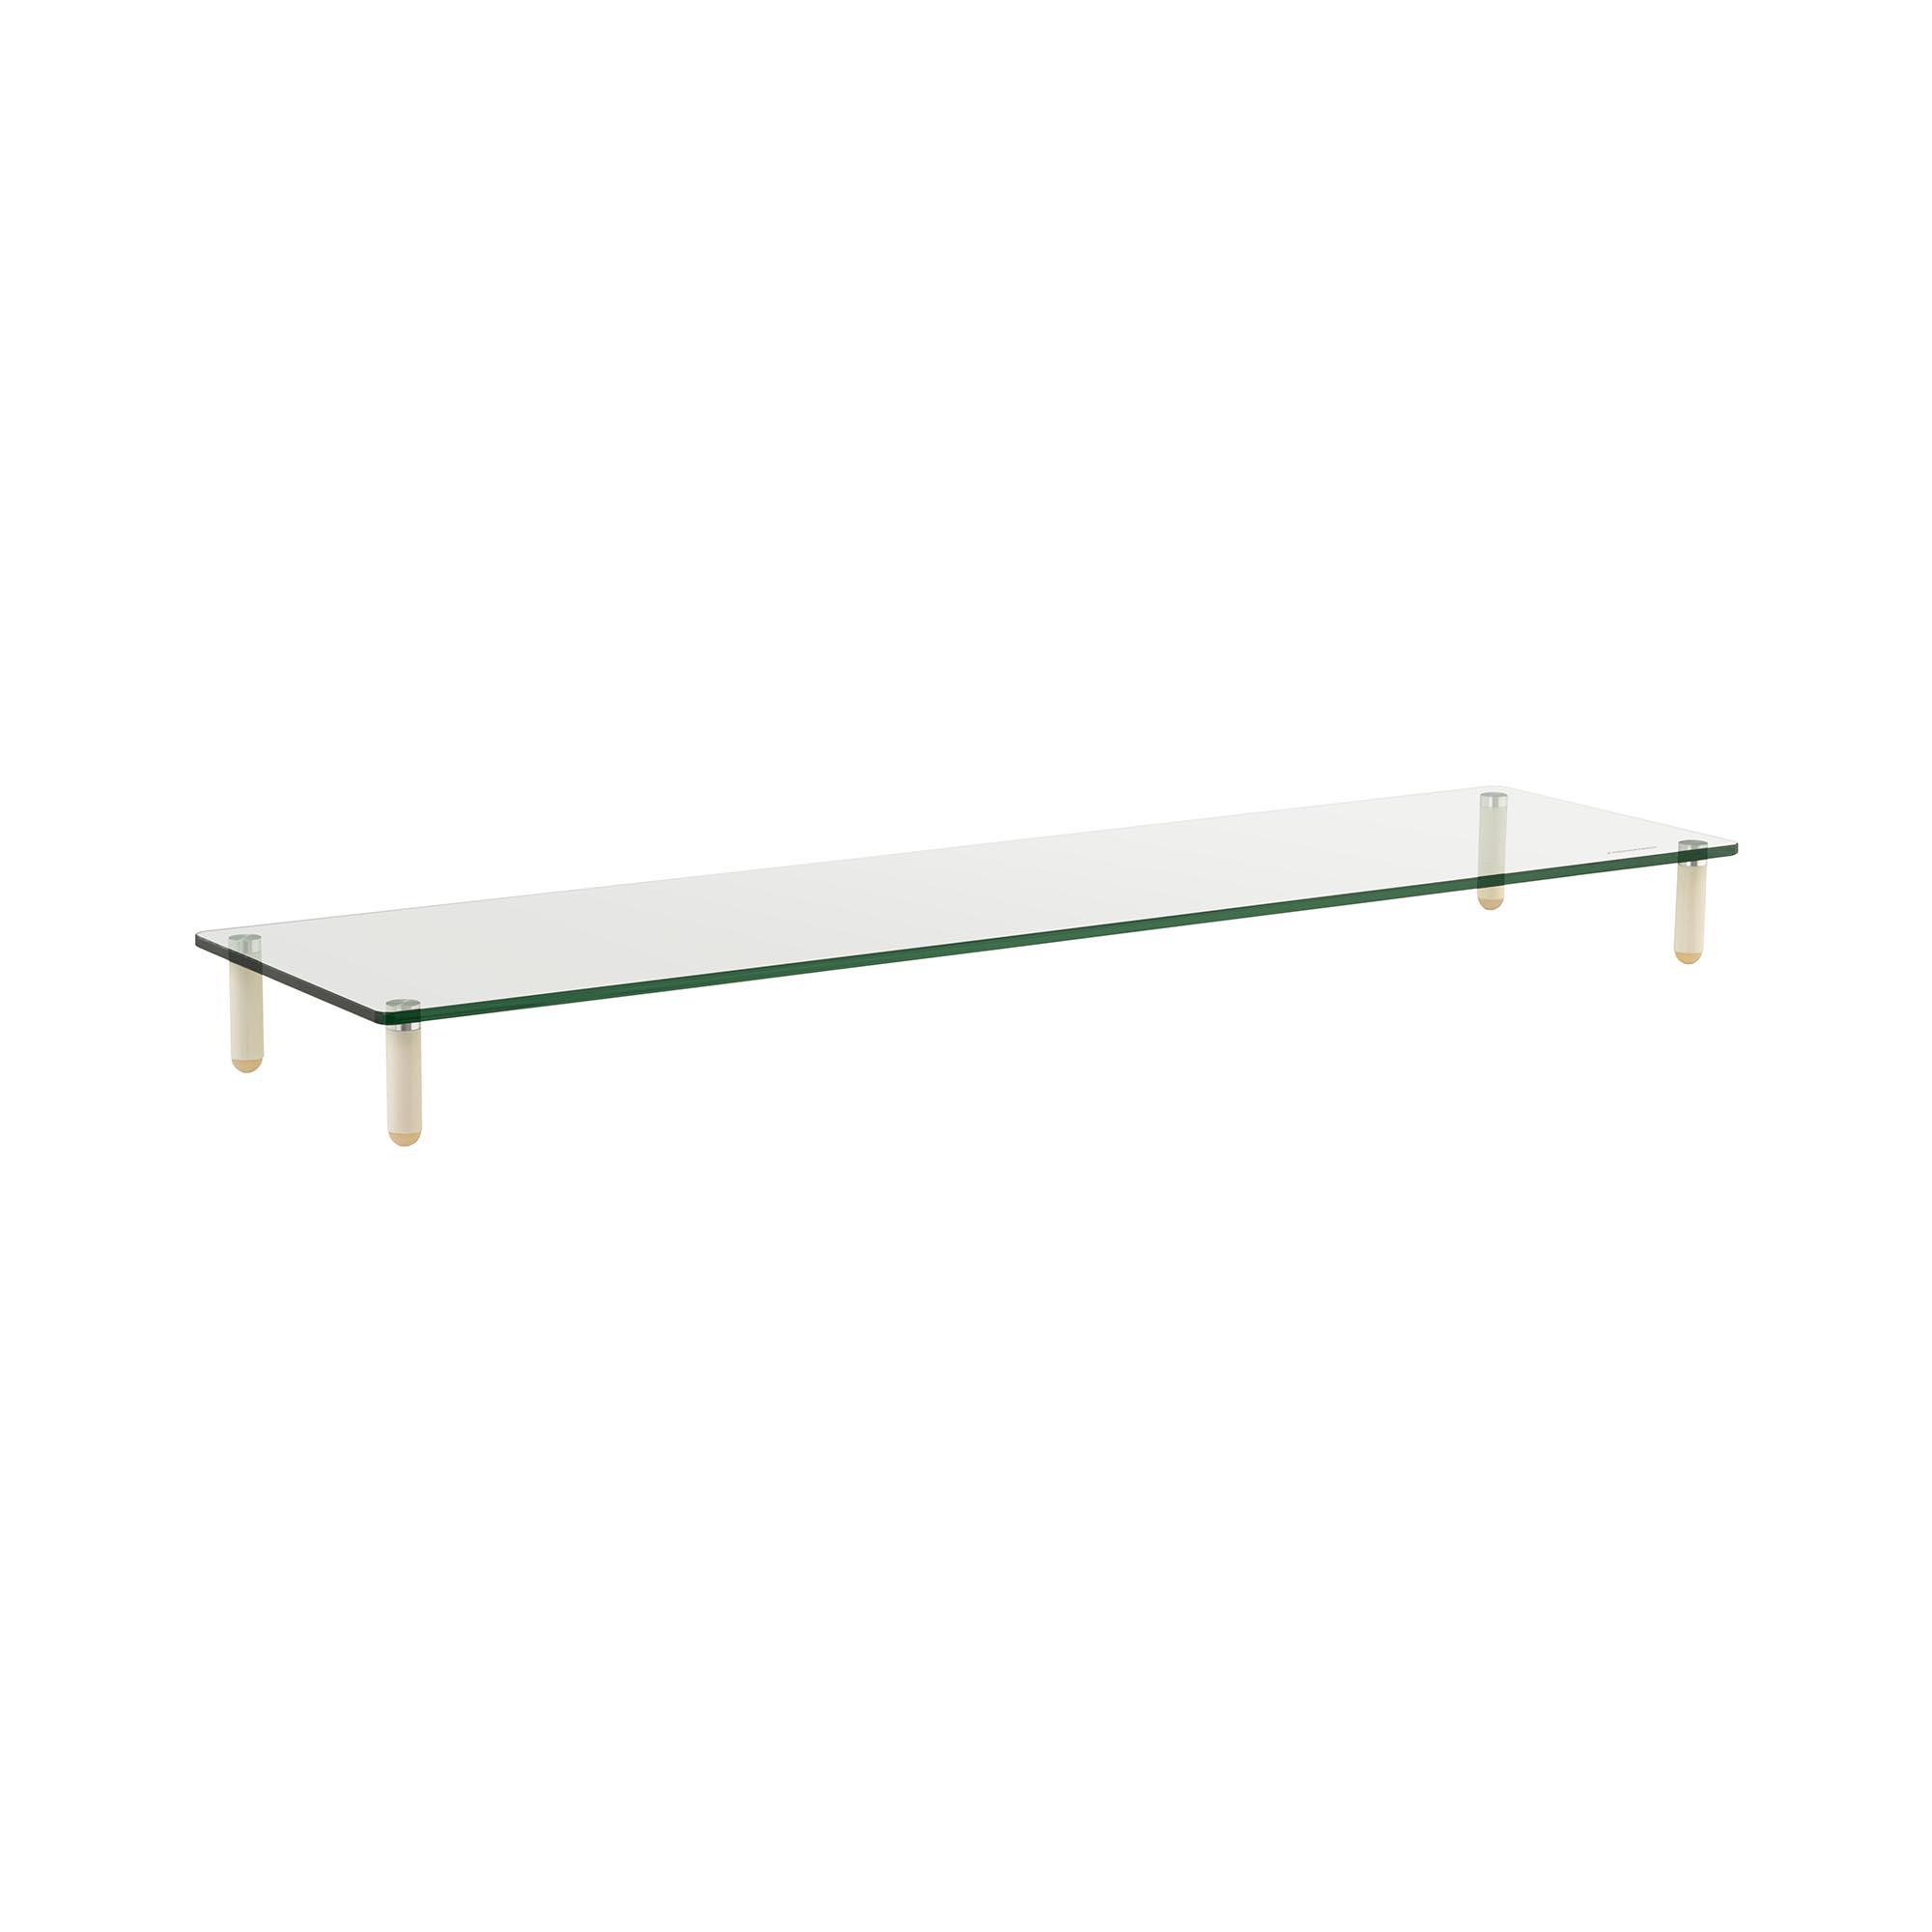 Fromm & Starck Schreibtischaufsatz - für zwei Monitore - Glas 10260174